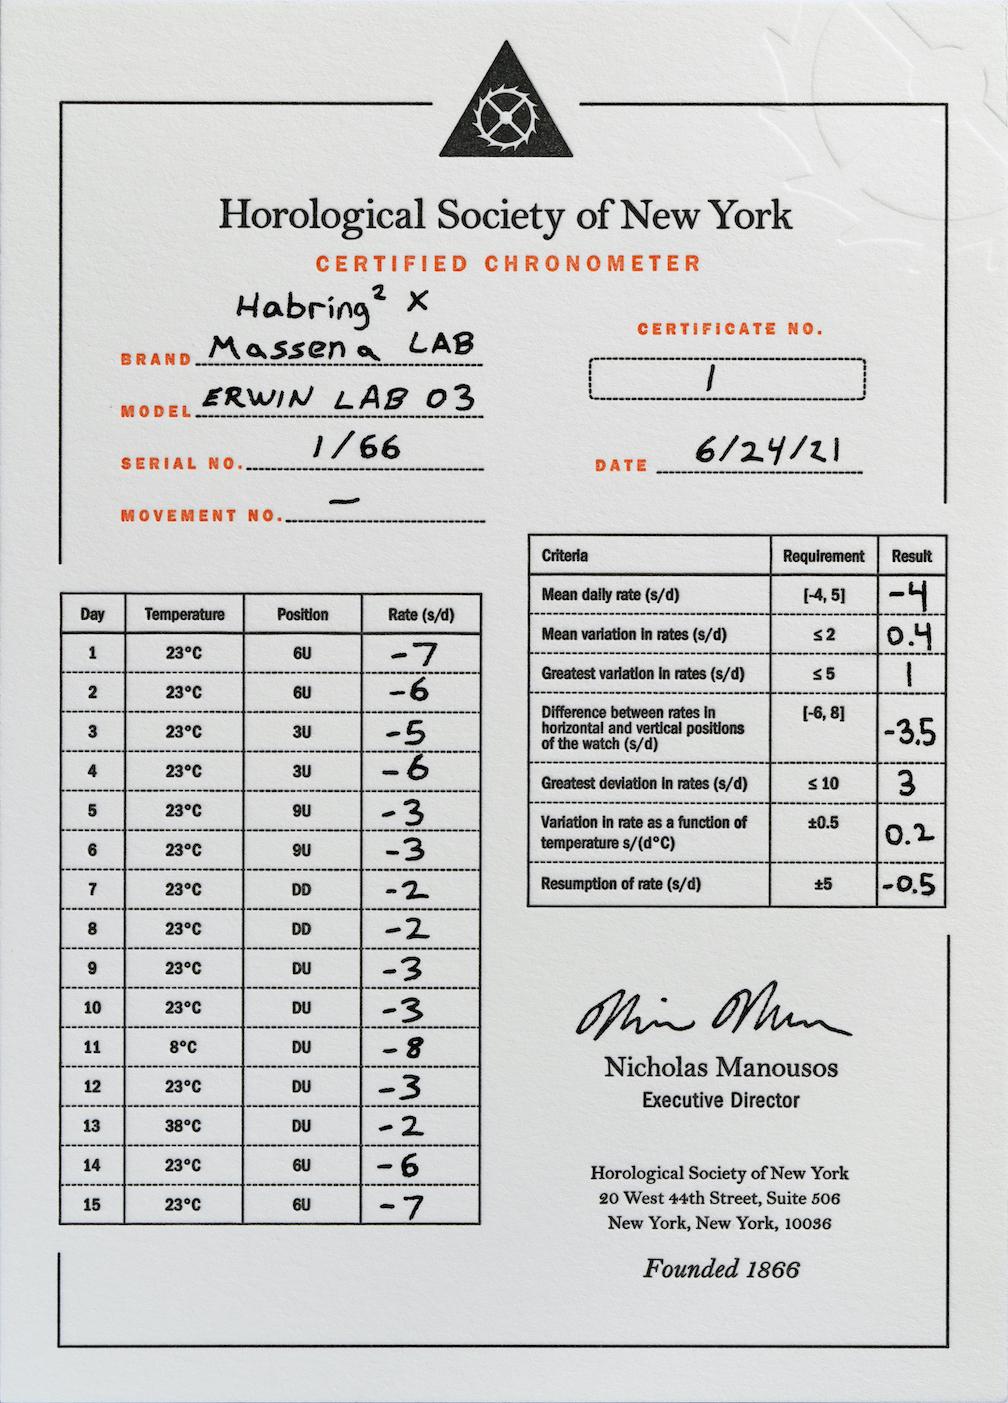 HSNY Chronometer Certification